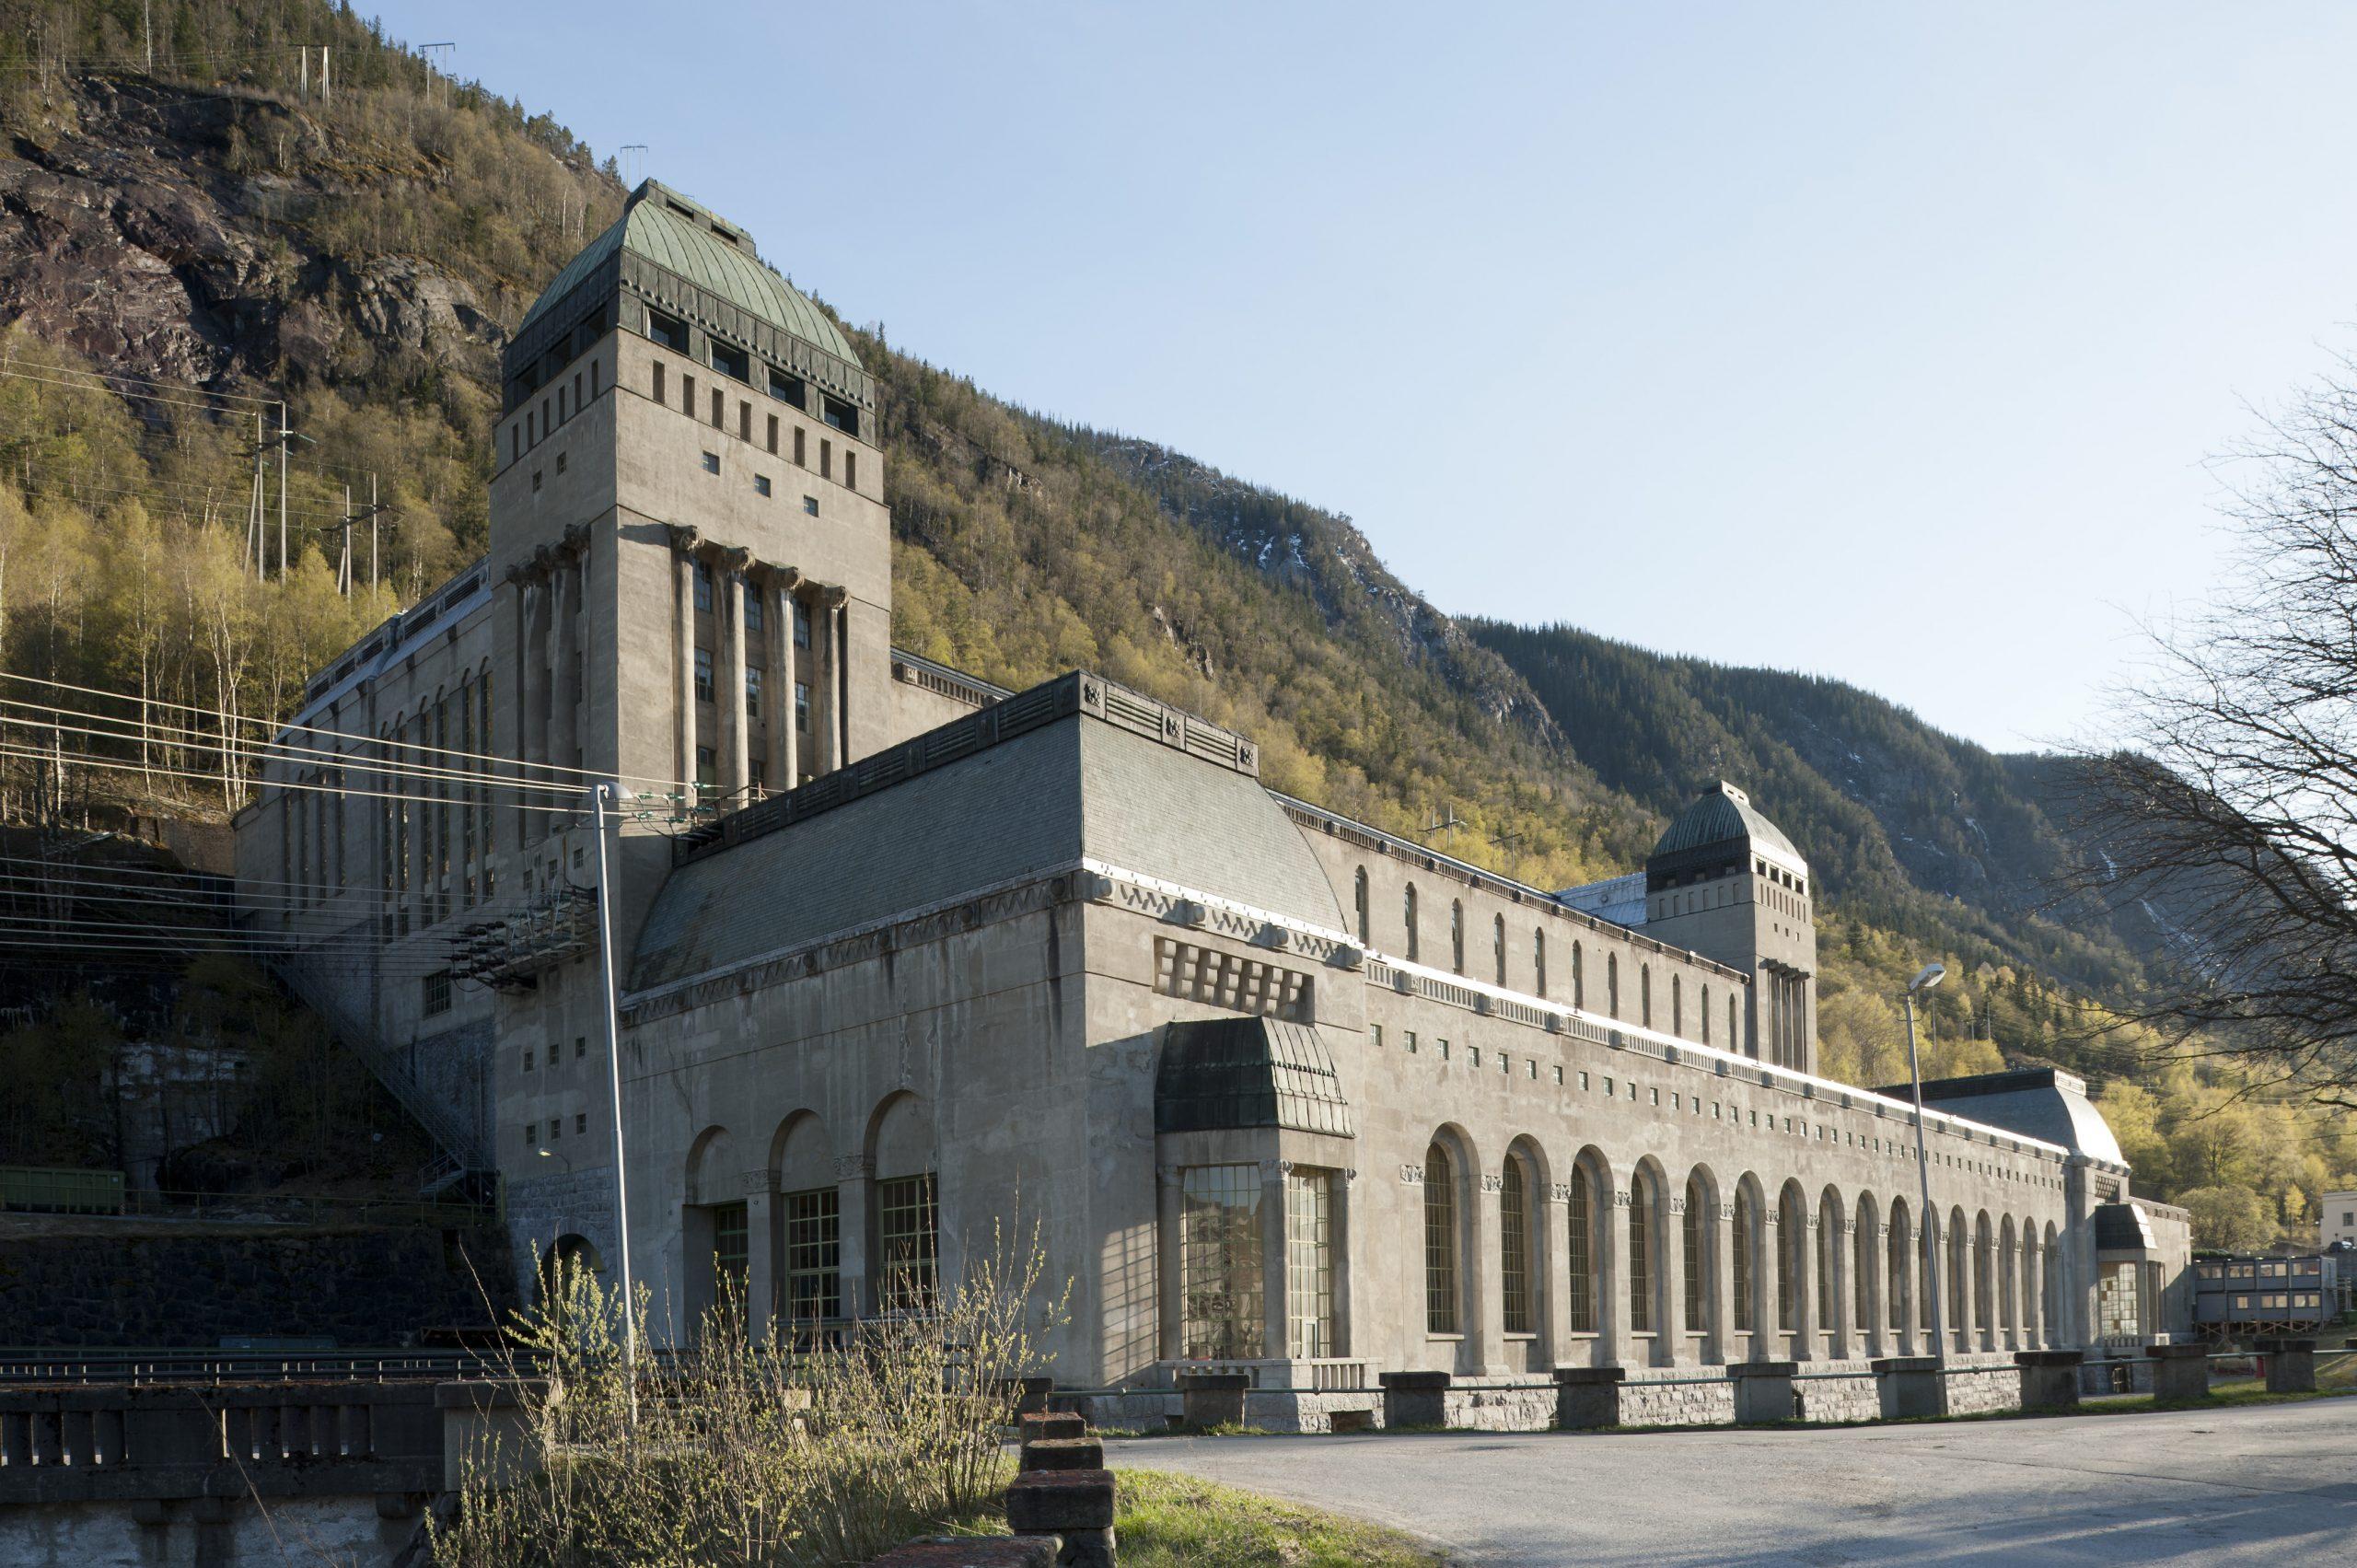 Bilde av Såheim Kraftverk. Kraftverket på Rjukan ble fredet i 2003. Såheim er også del av Rjukan-Notodden industriarv på UNESCOs verdensarvliste. Bygget i 1914 etter tegninger av arkitekt Thorvald Astrup og professor Olaf Nordhagen. Foto: Per Berntsen